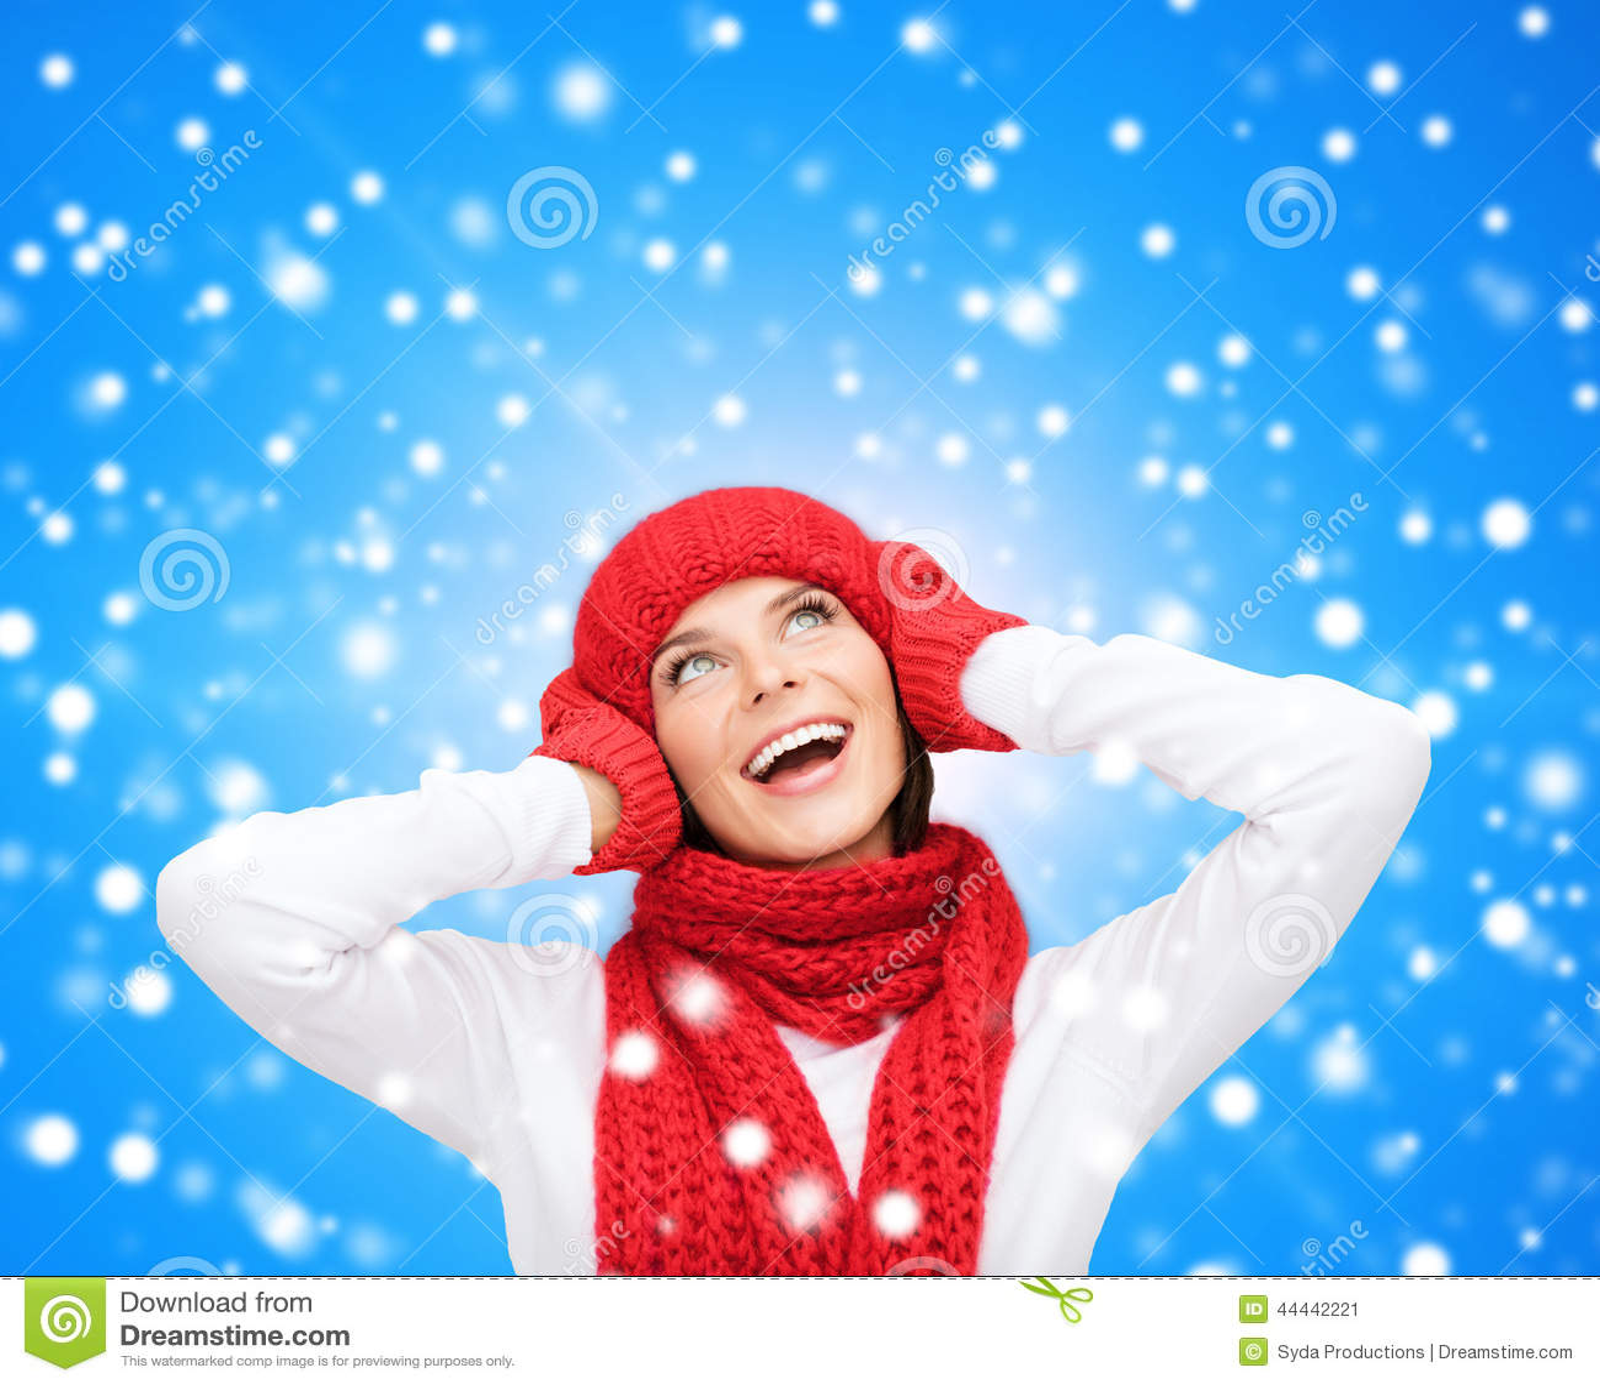 给微笑的冬天妇女年轻人穿衣图片